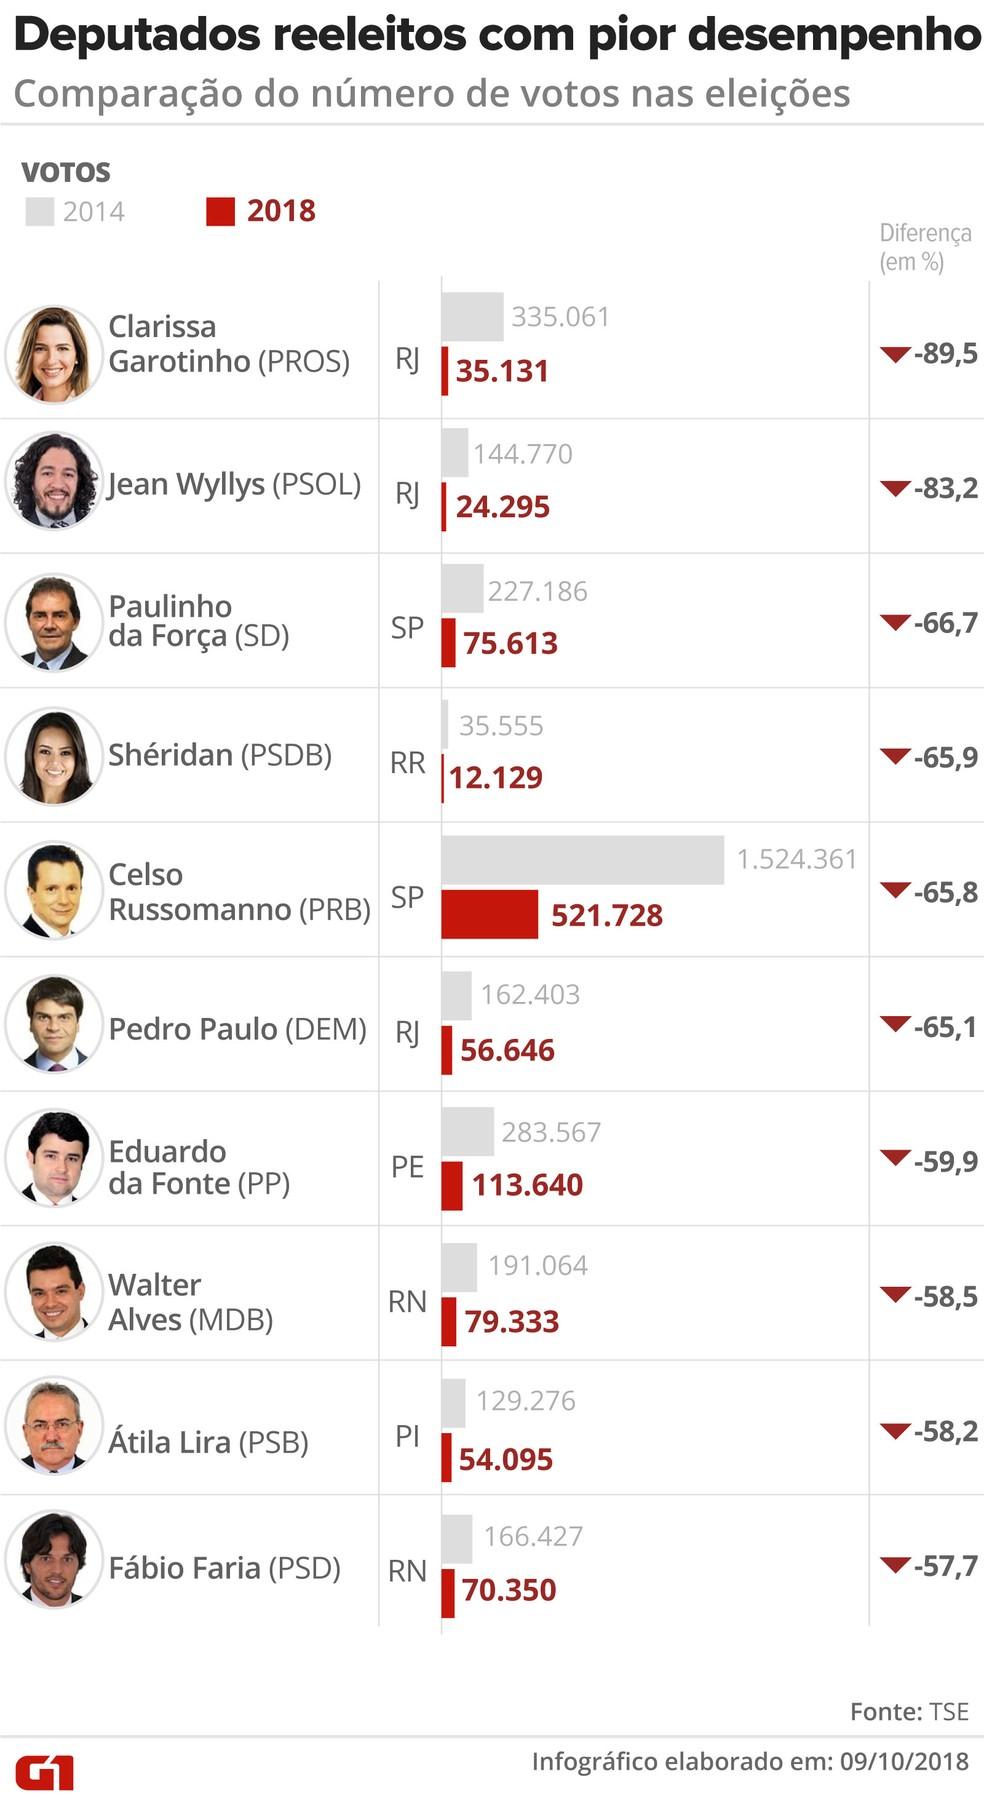 Deputados reeleitos com pior desempenho: comparação do número de votos nas eleições de 2014 e 2018 — Foto: Igor Estrella / G1